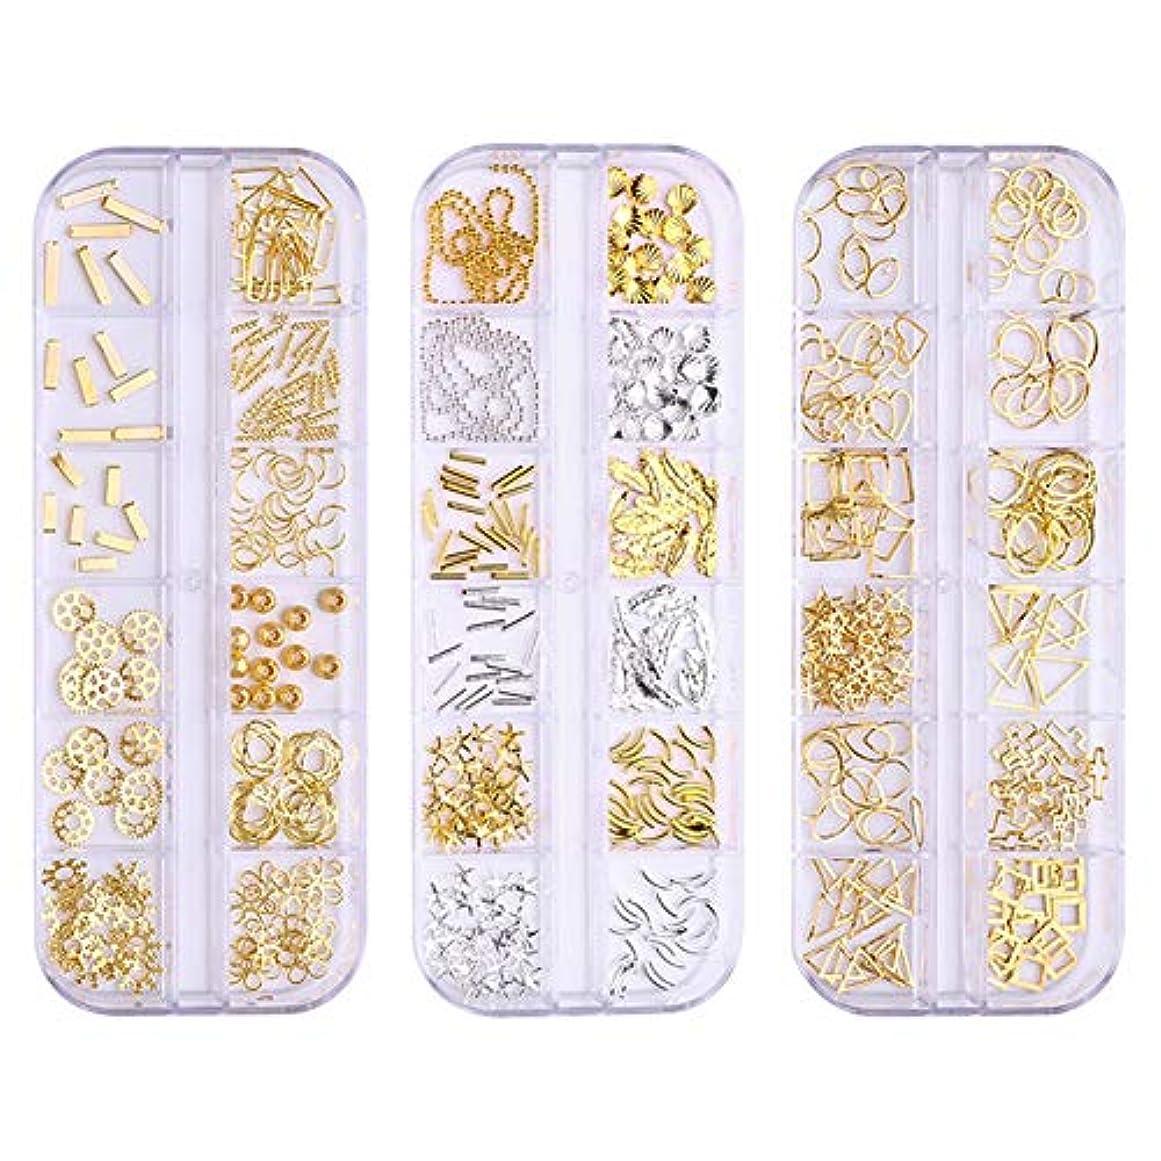 圧倒的インシデント杭BORN PRETTY ネイルデコパーツ3ボックスセット ネイル フレームパーツ 12個口ケース入り 形いろいろミックス ヘアアクセ デコパーツ ミックス 手芸 ハンドメイド アクセサリー製作